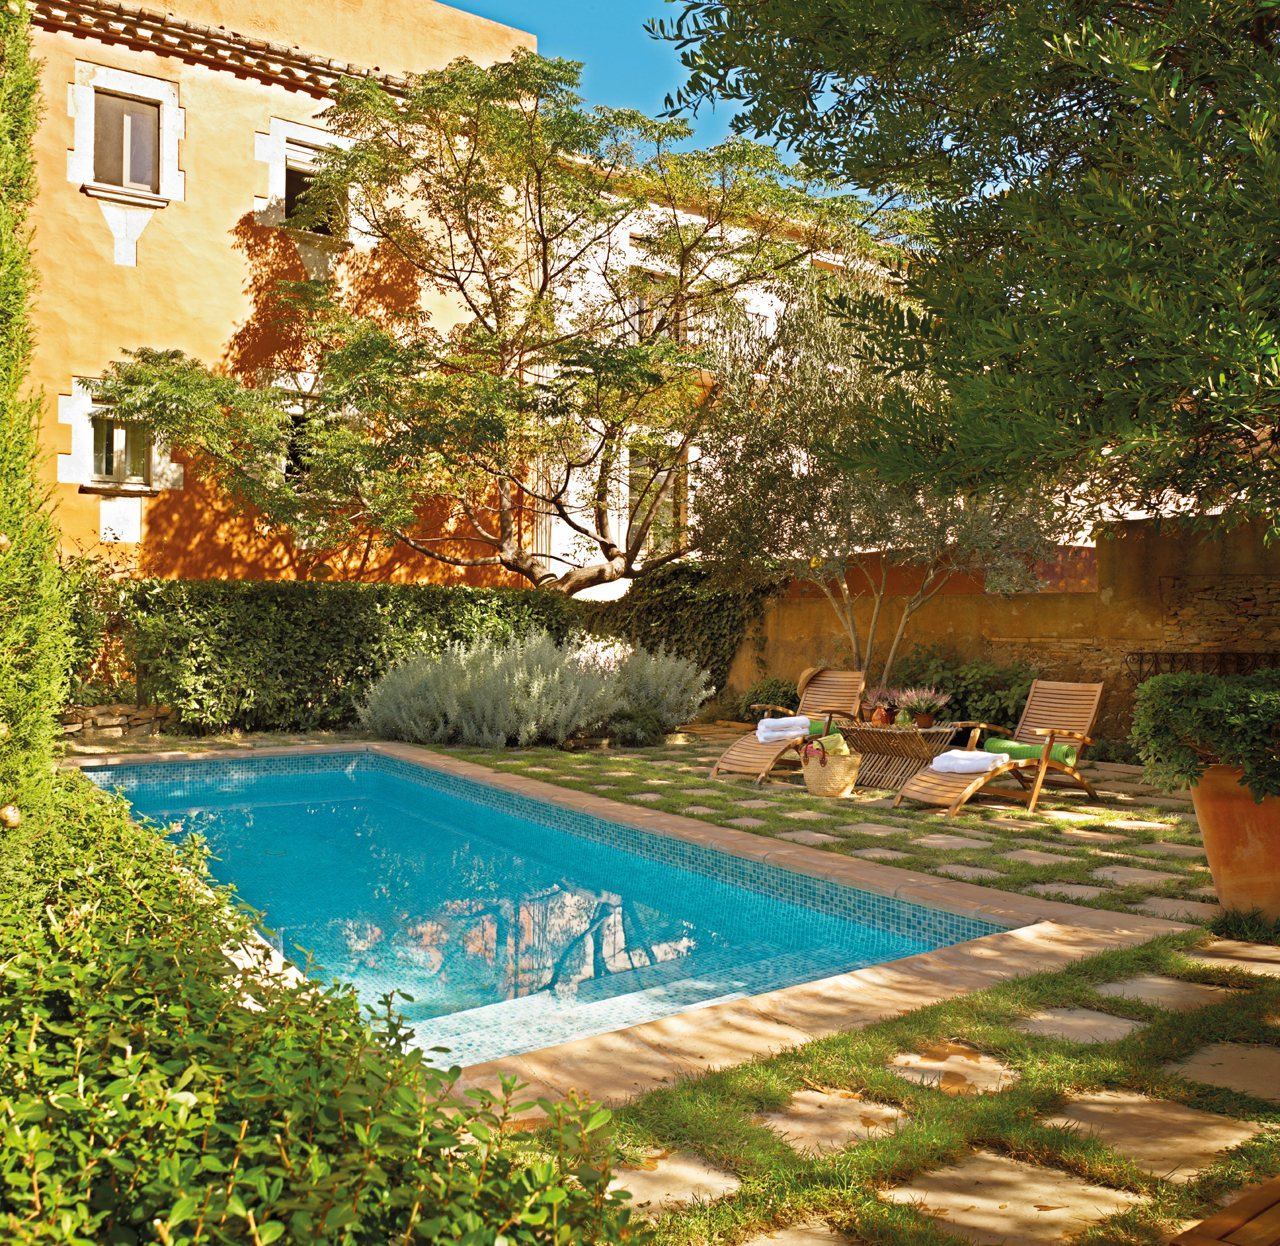 Una casita de pueblo con encanto r stico y un precioso patio - Hoteles con encanto y piscina ...